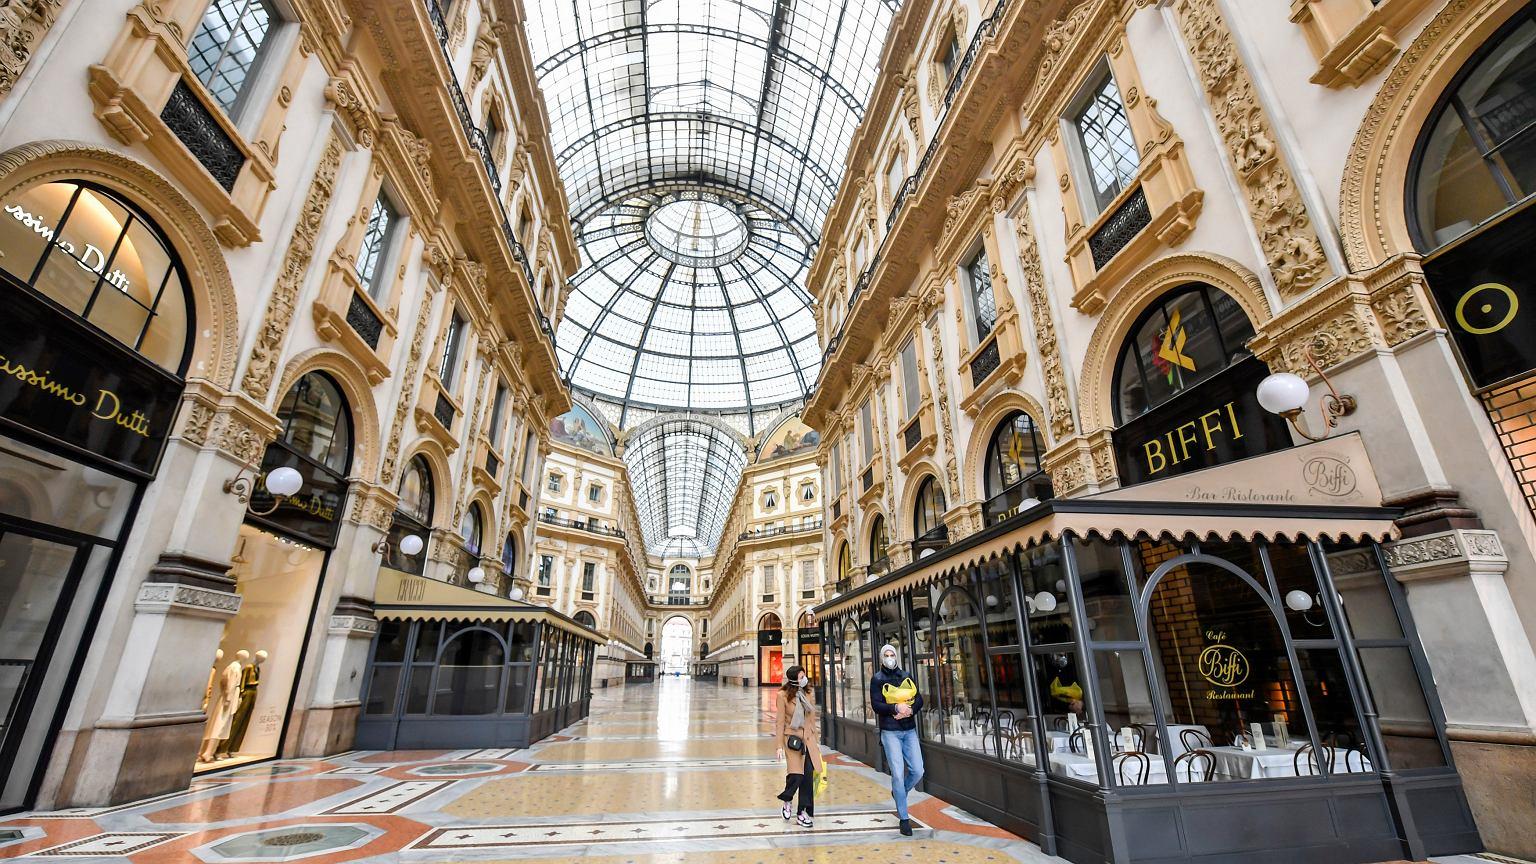 Koronawirus we Włoszech. Władze poleciły zamknąć hotele w Mediolanie. W Lombardii więcej zgonów niż w Chinach